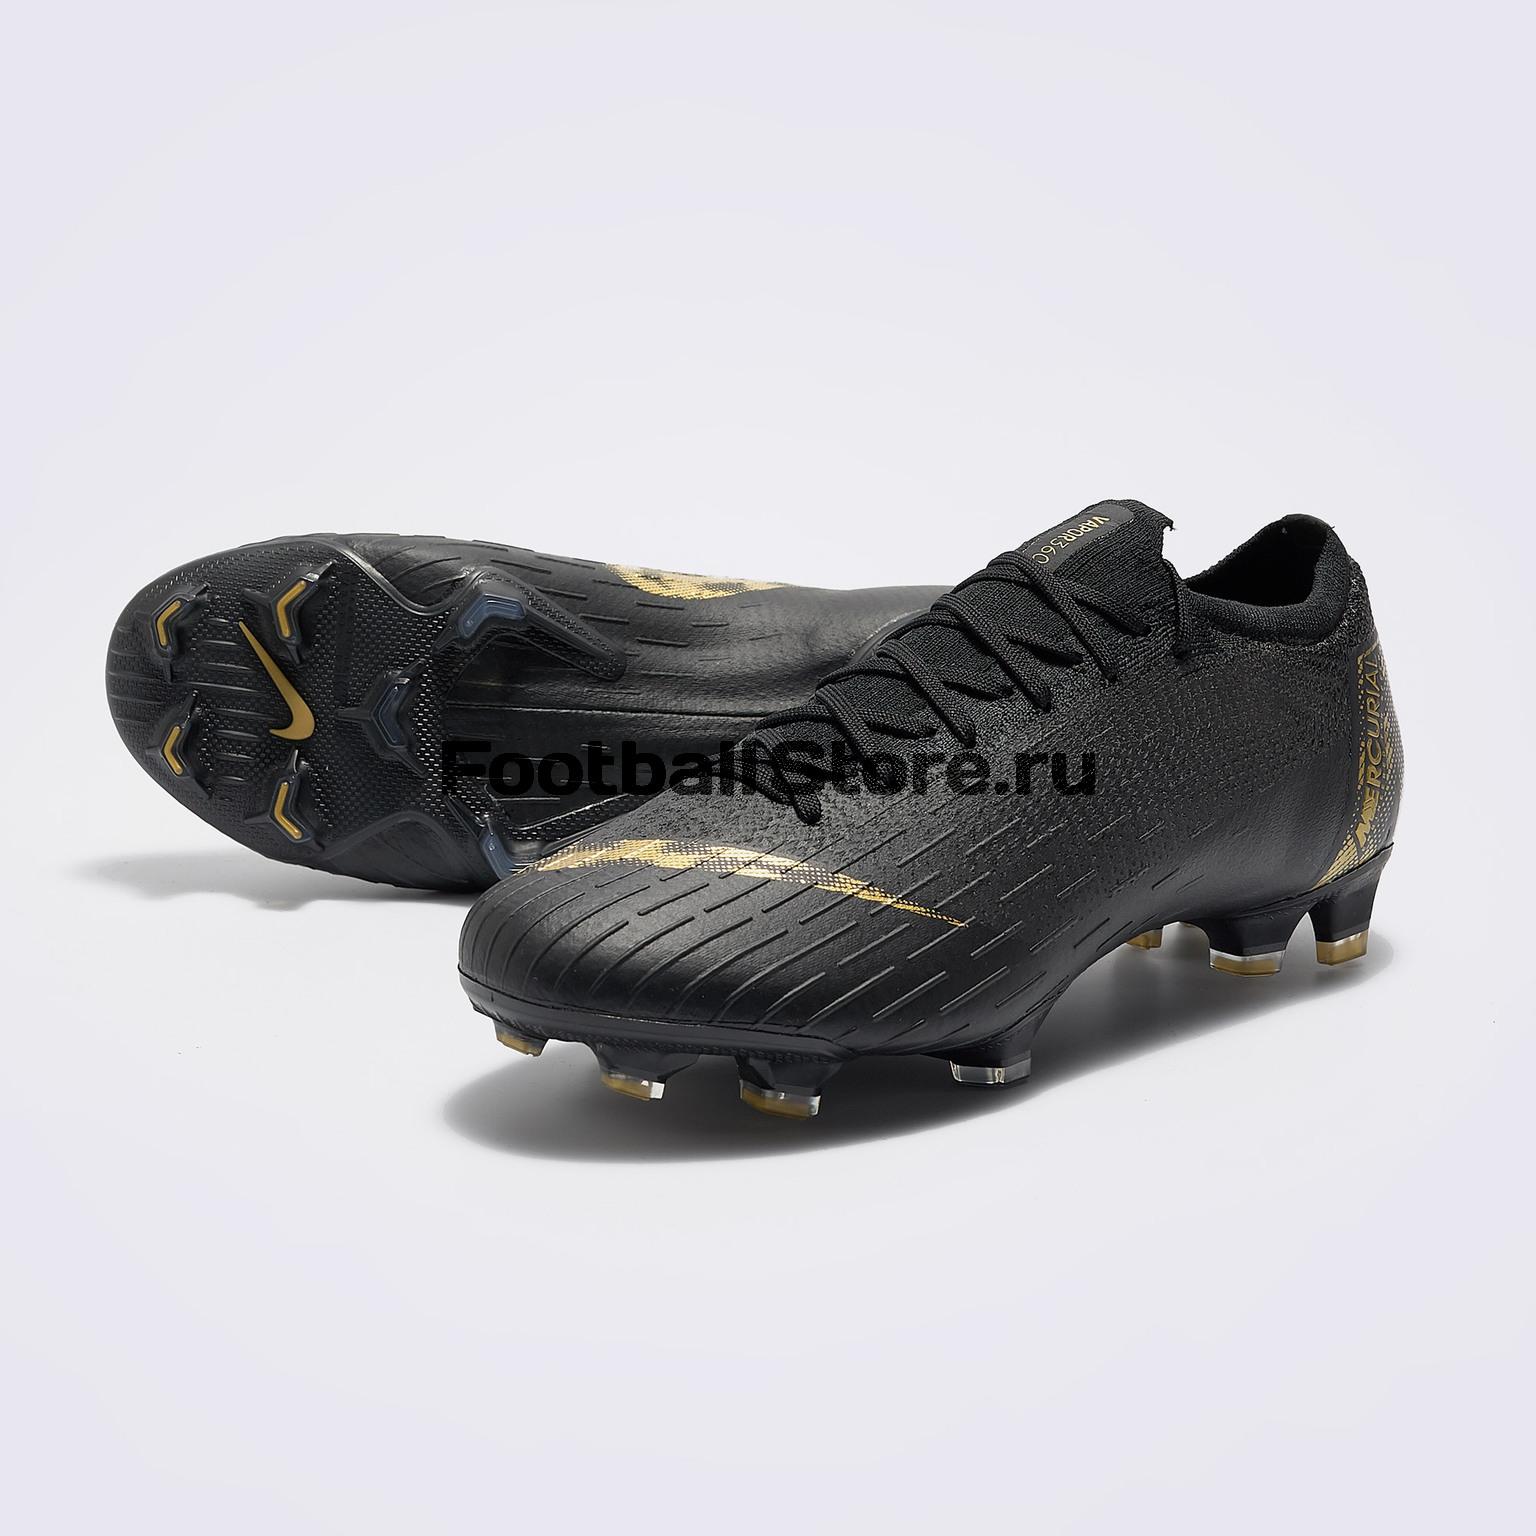 Бутсы Nike Vapor 12 Elite FG AH7380-077 бутсы nike mercurial victory iii fg 509128 800